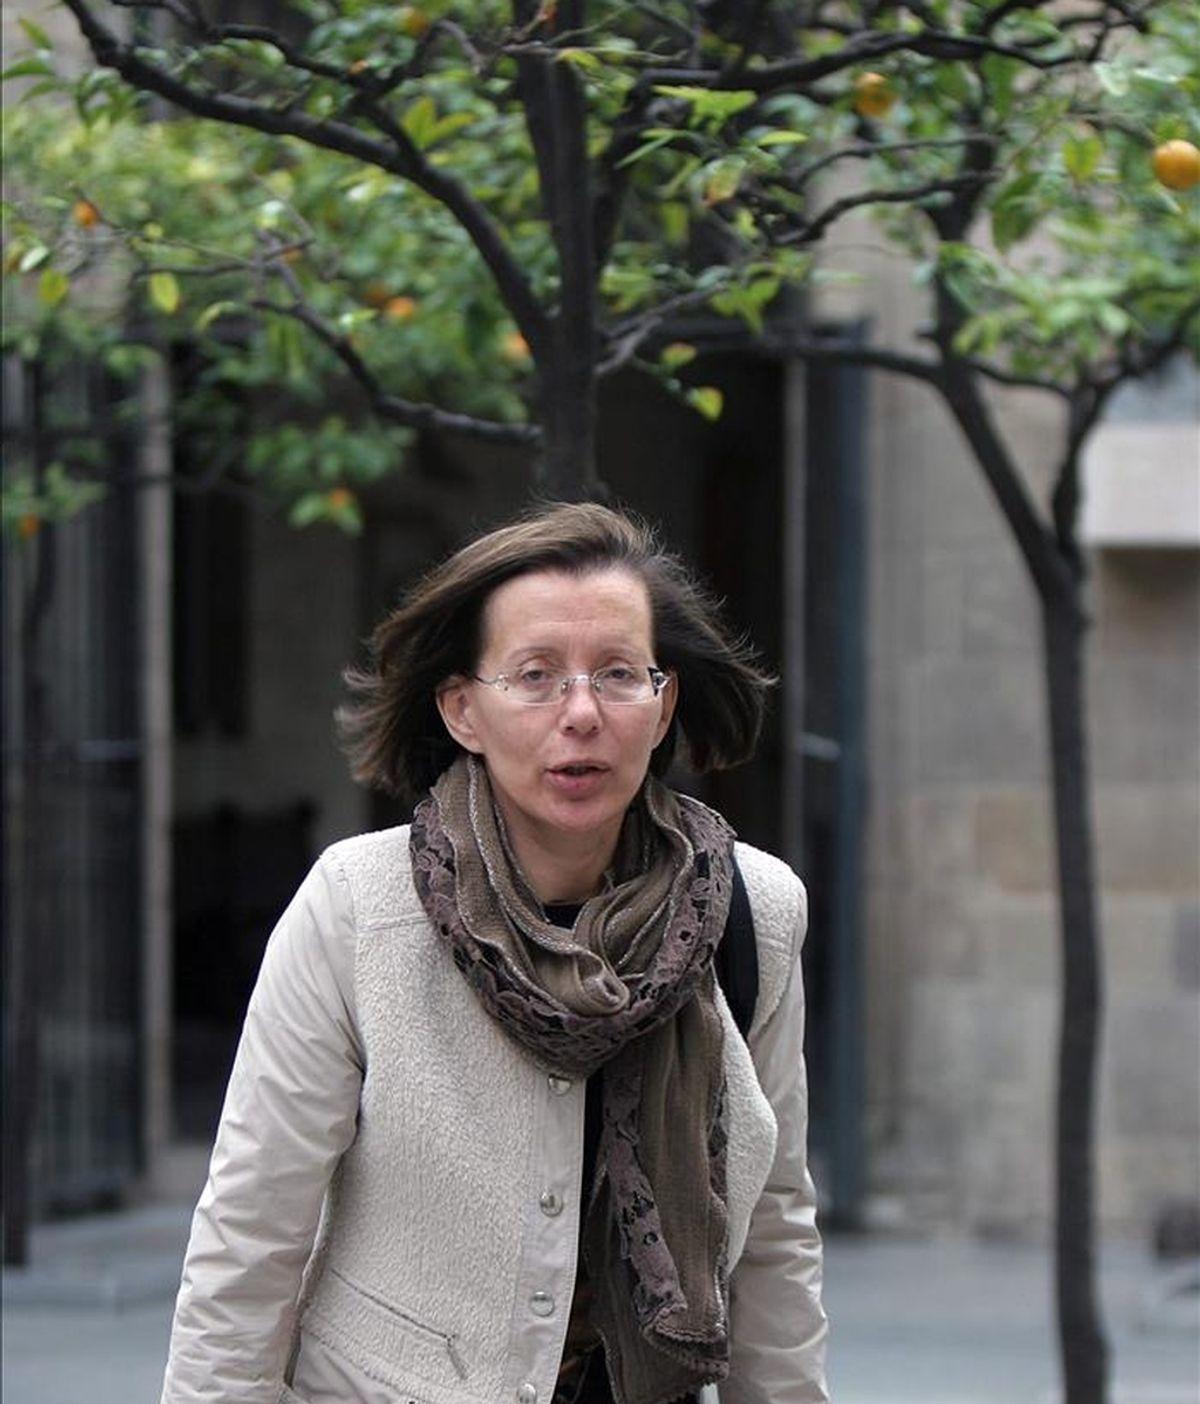 La ex consellera de Justicia Montserrat Tura ha decidido disputar al actual alcalde de Barcelona, Jordi Hereu, la candidatura socialista por Barcelona en unas primarias, según han asegurado a Efe fuentes socialistas. EFE/Archivo